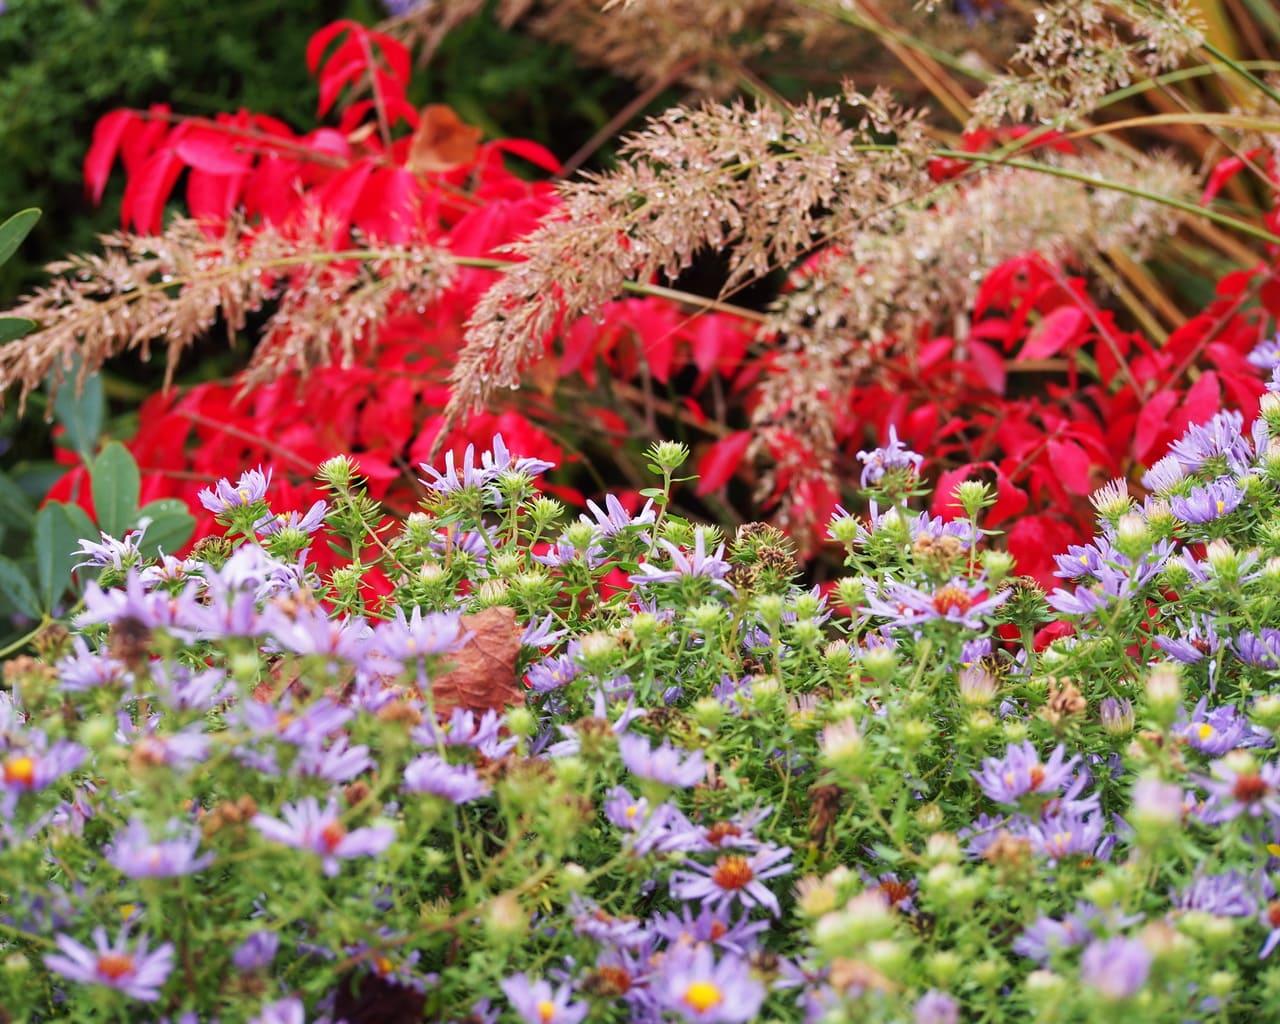 Herbst mit der Aromatischen Aster (Aster oblongifolius)